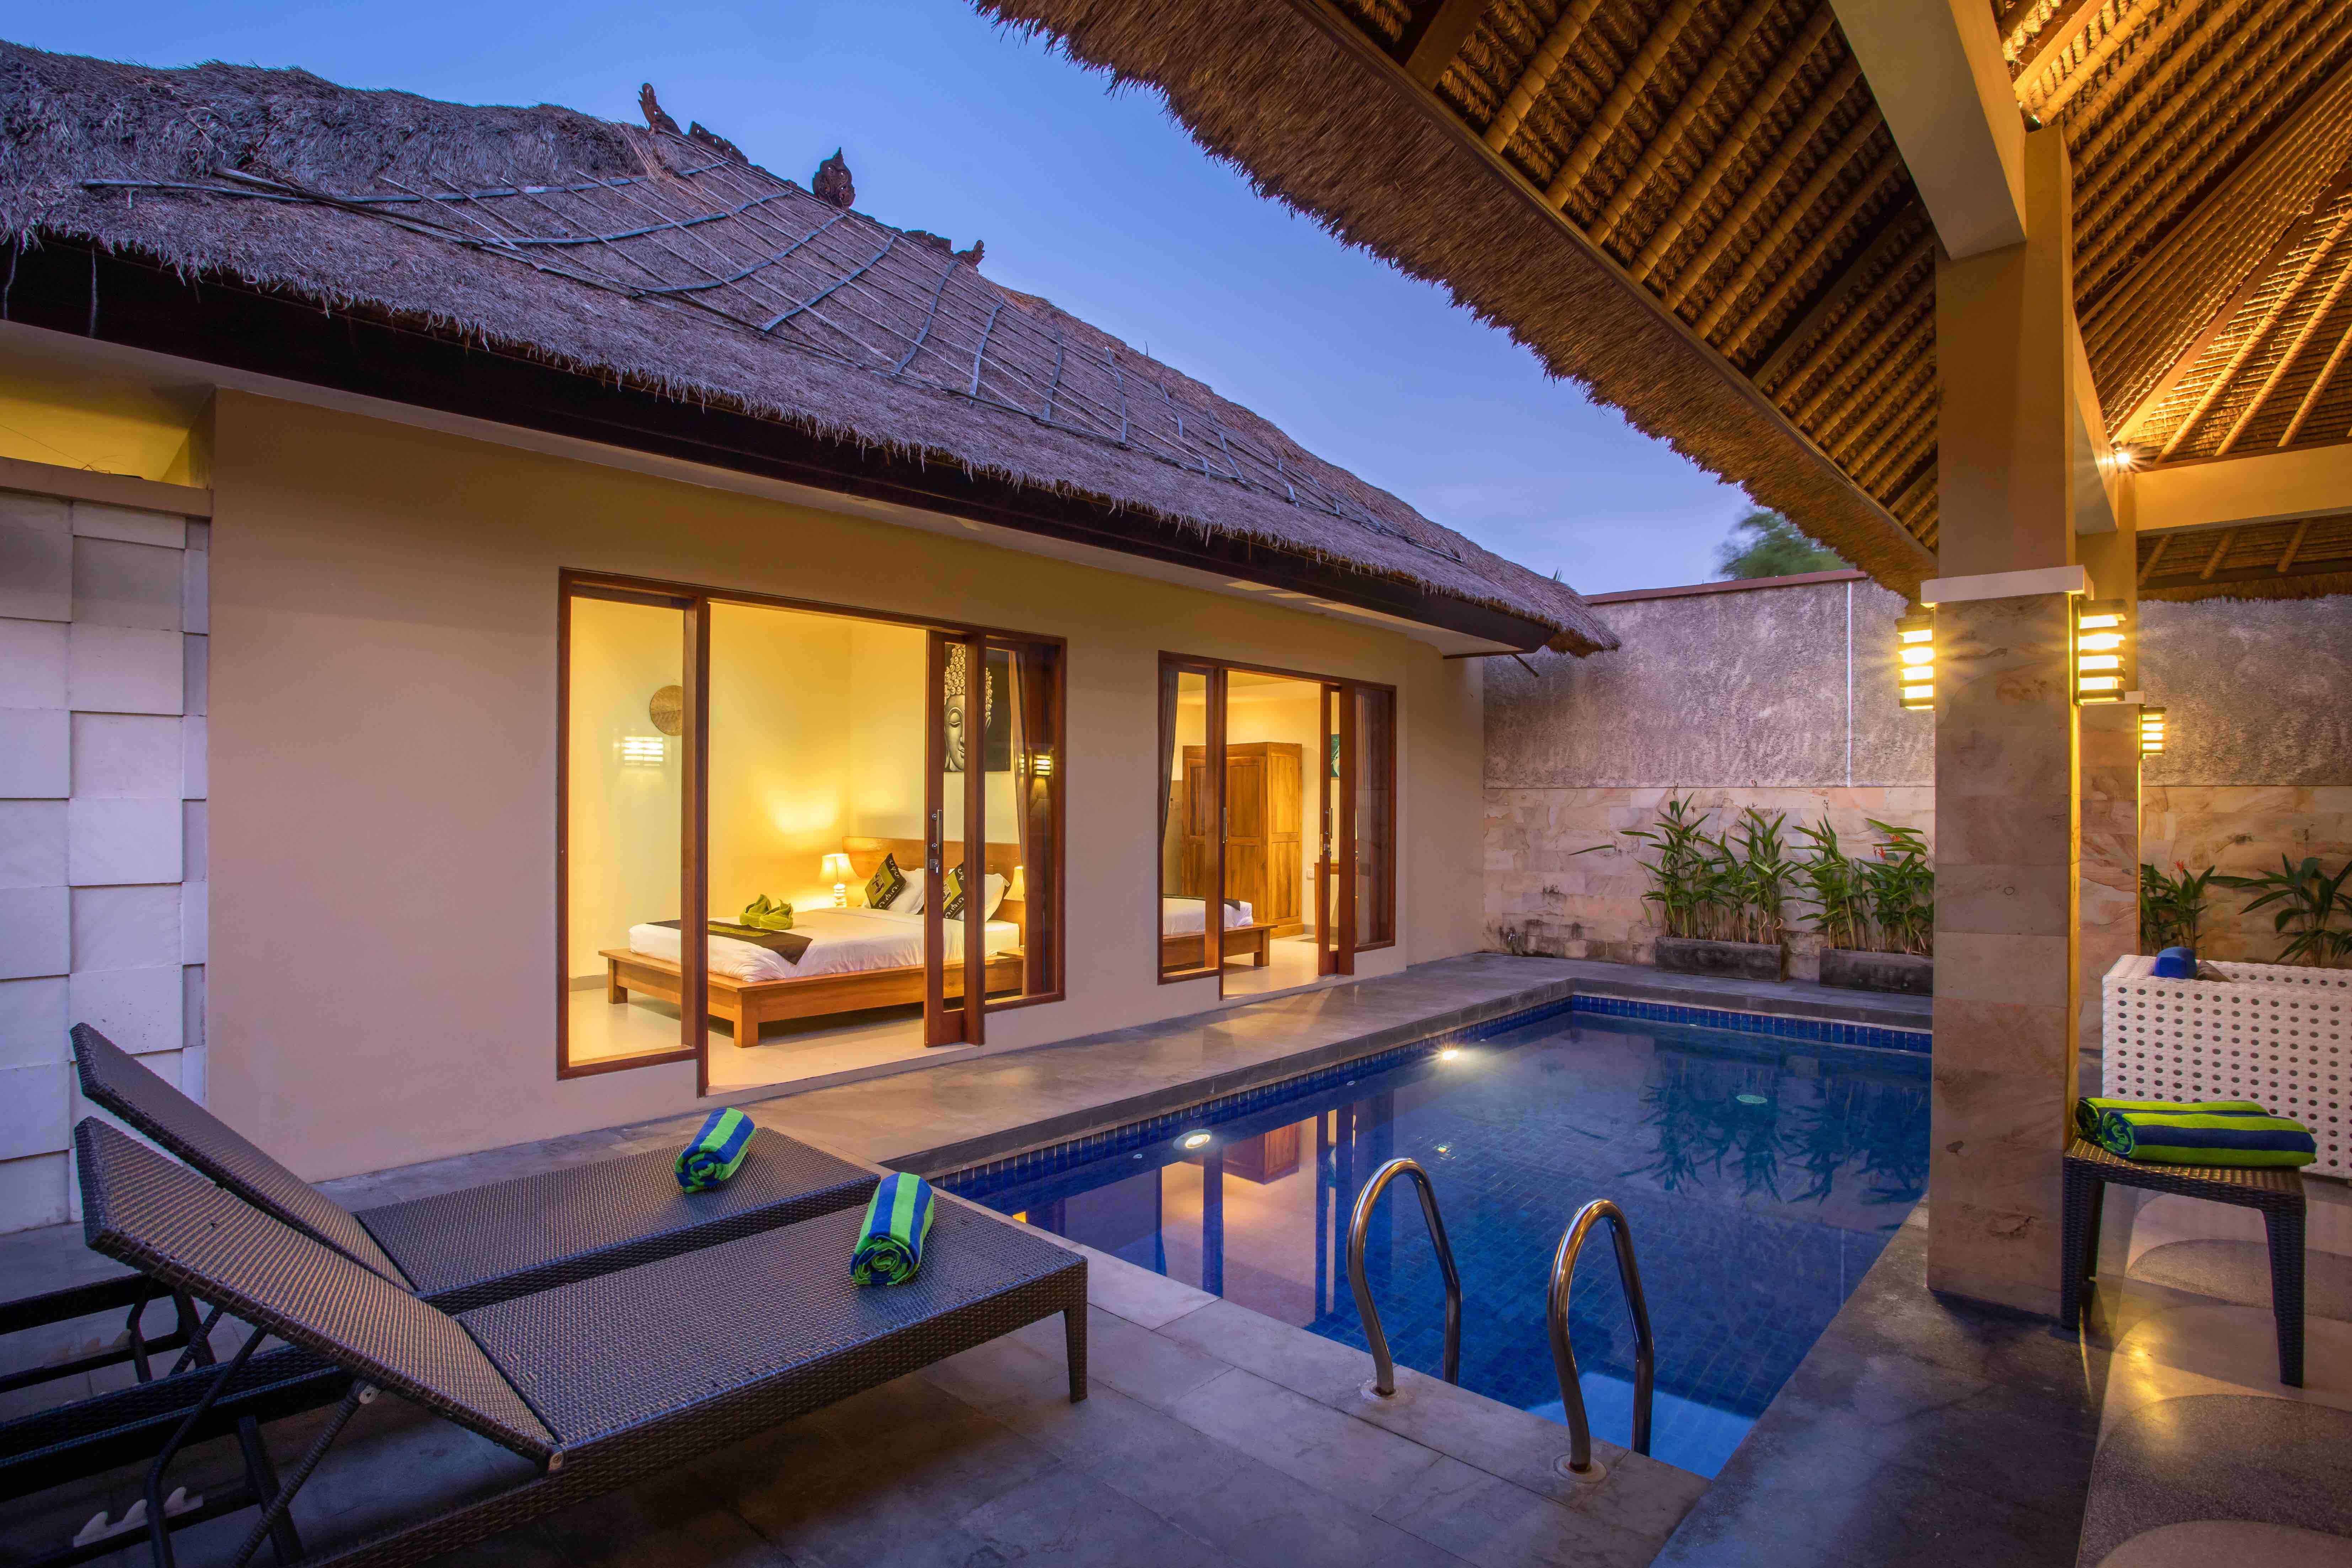 New 2 Bedrooms Villa Seminyak For Monthly Villas For Rent In Petitenget Bali Indonesia